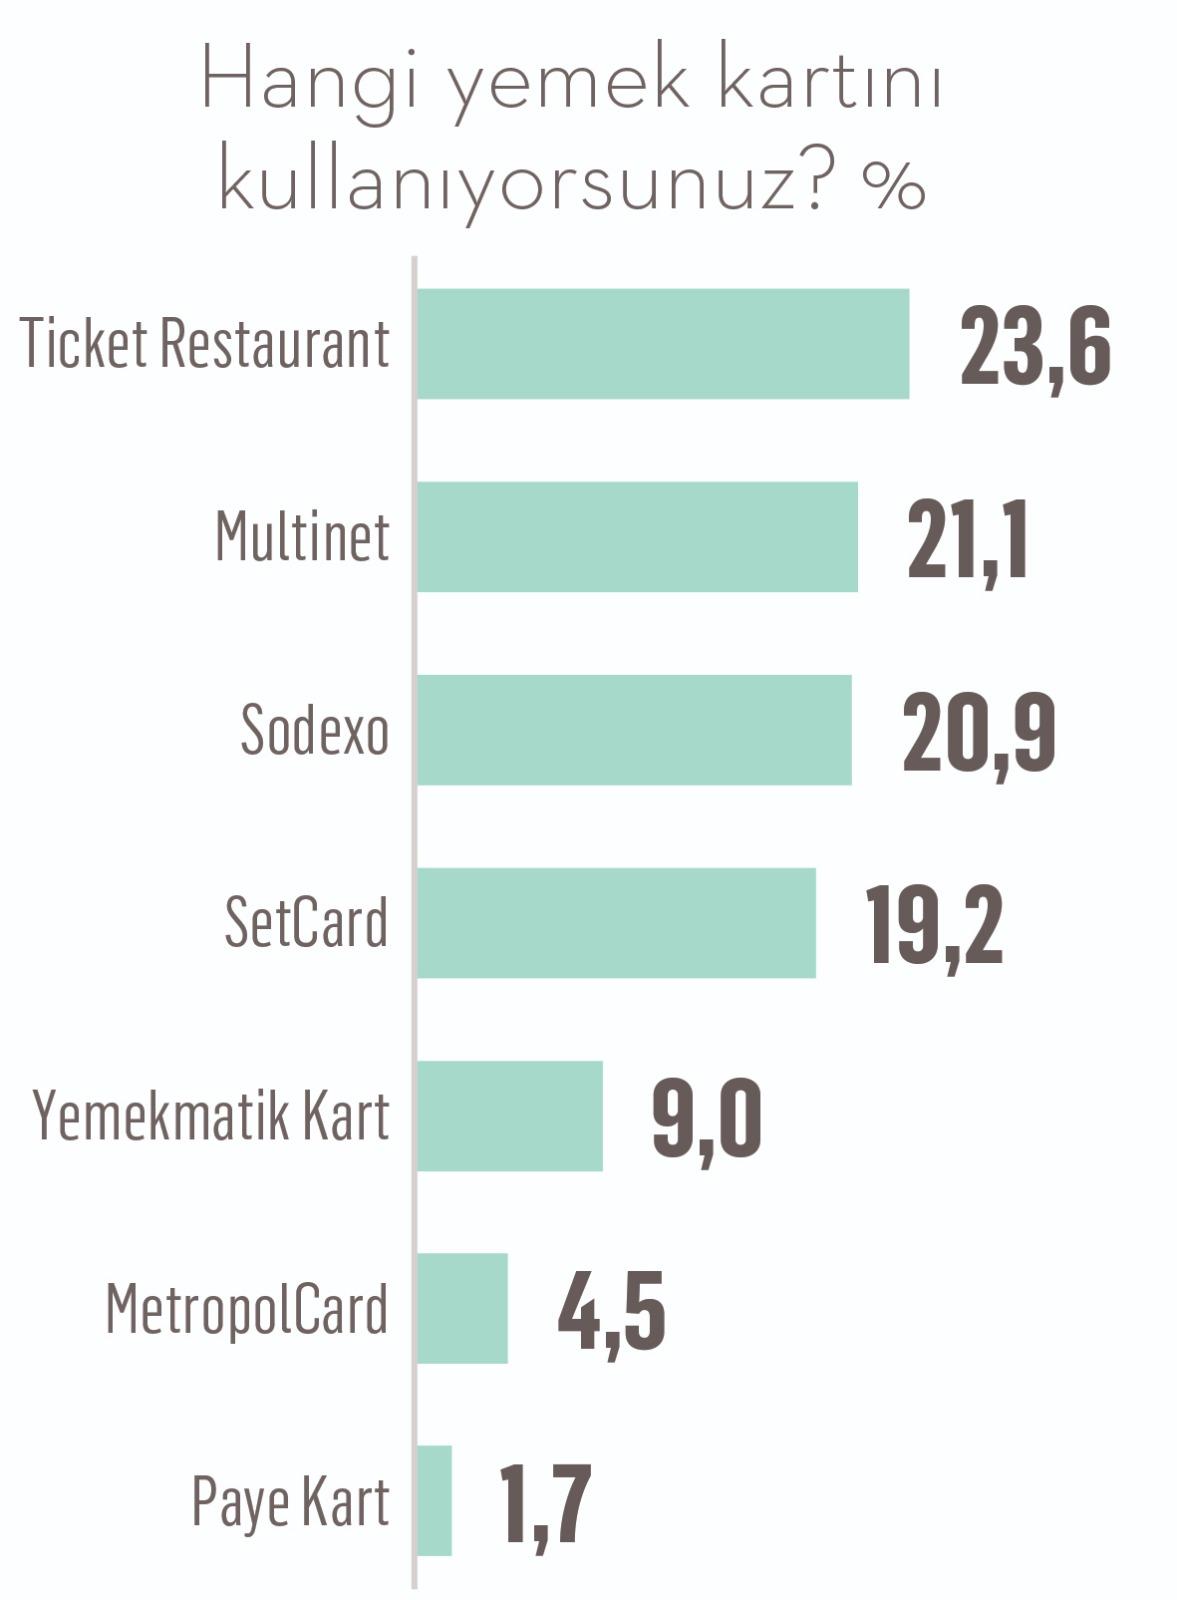 Yemek kartlarına ortalama 417 TL yükleniyor,kart bakiyesi ayın sonunu getiremiyor